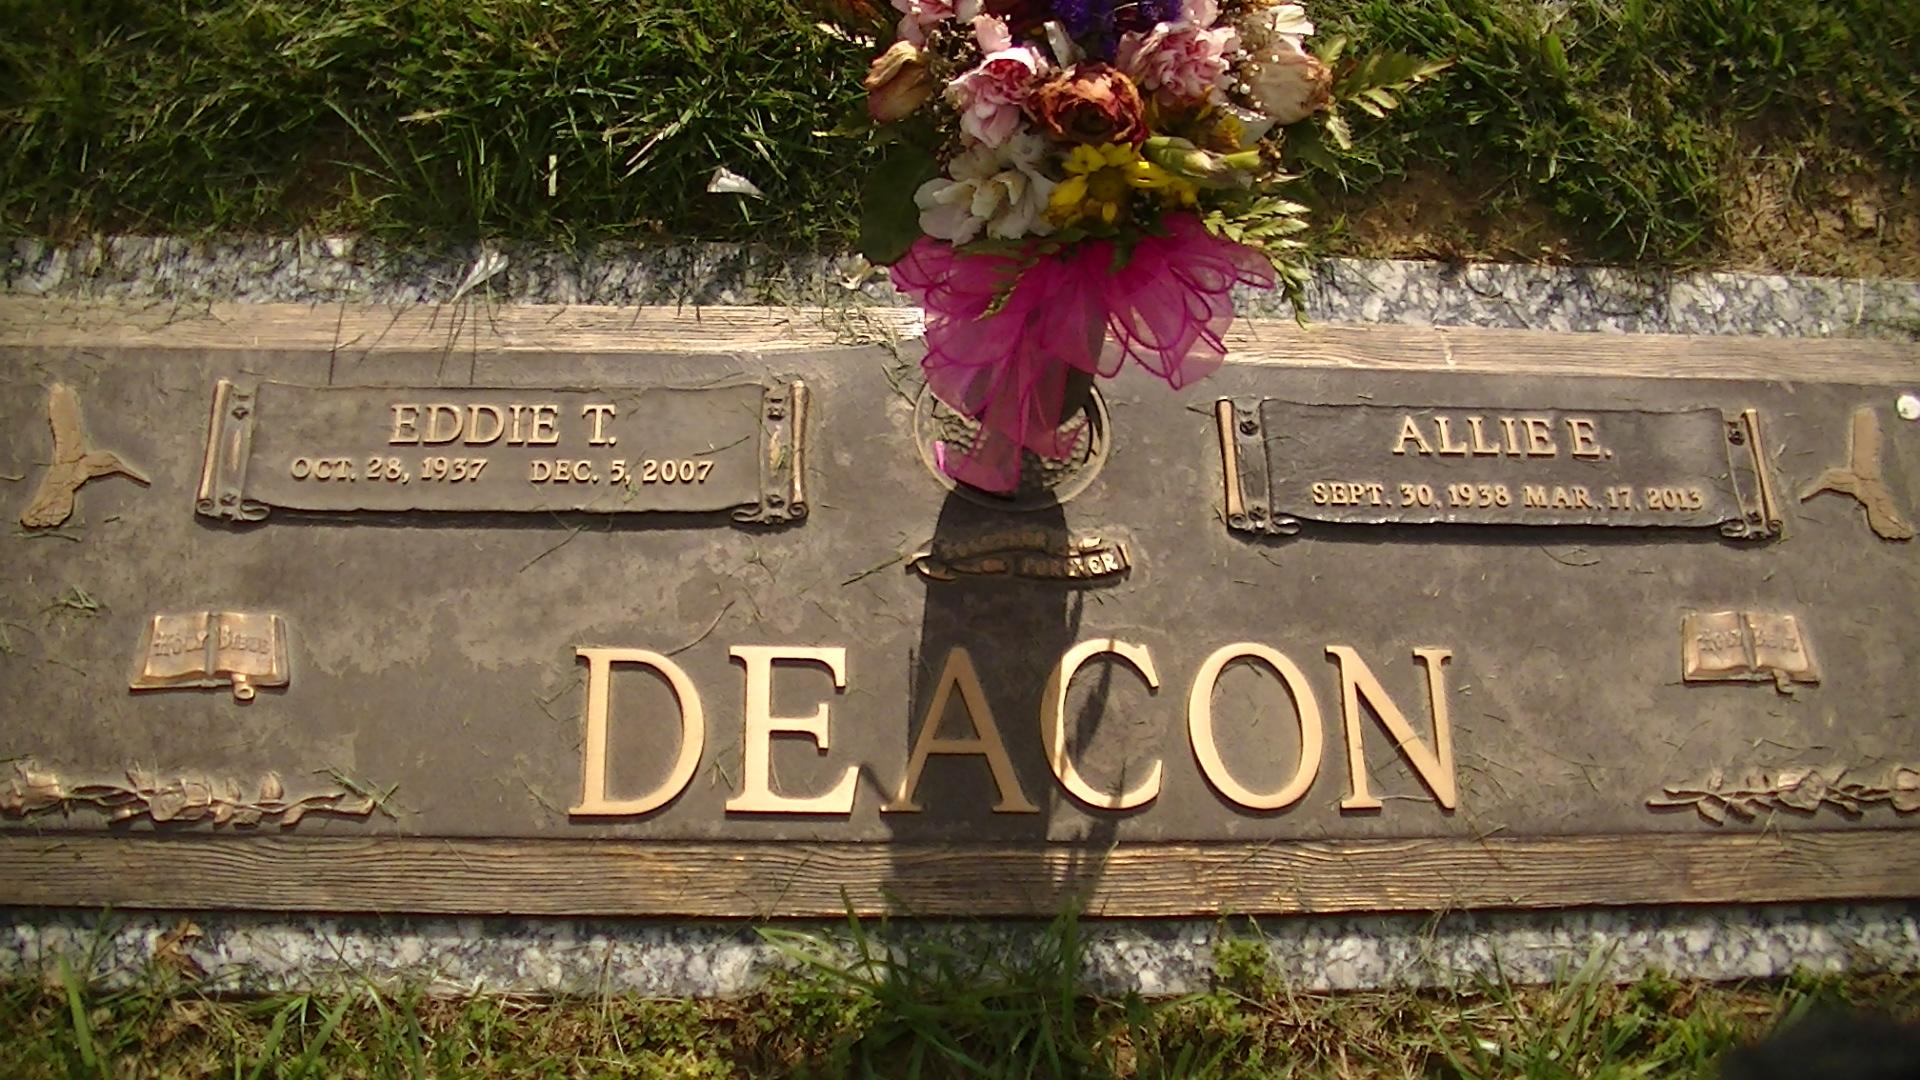 Allie E. Deacon (1938-2013) - Find A Grave Memorial